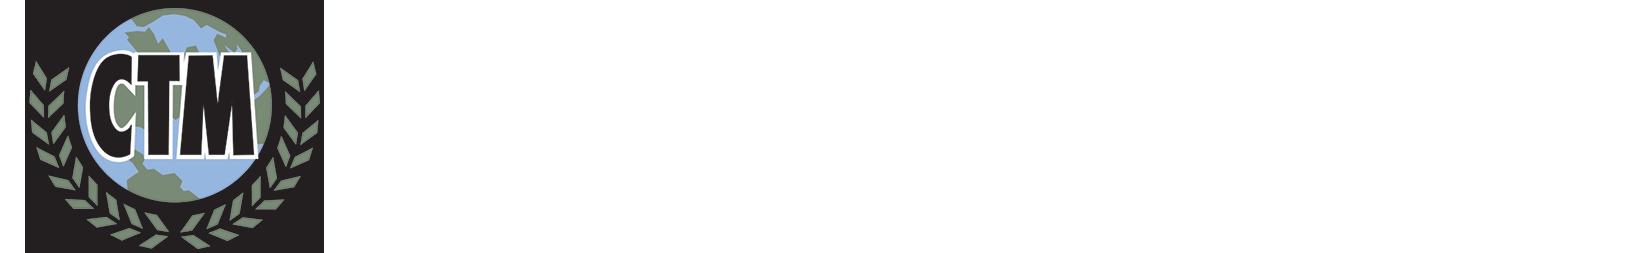 CTM Engineering